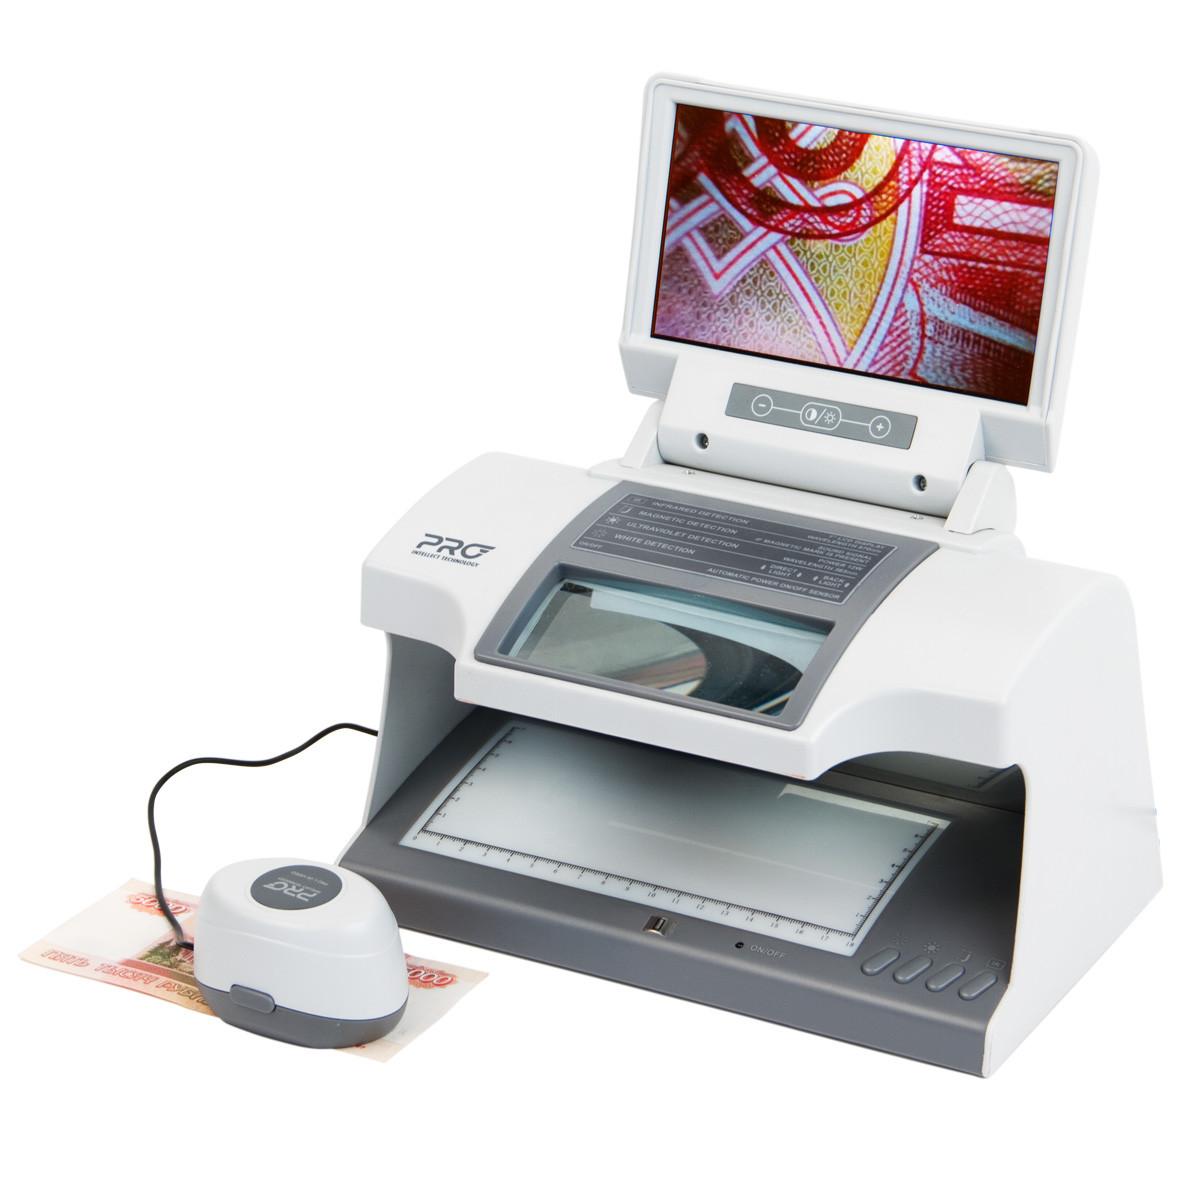 Инфракрасный детектор банкнот (валют) PRO CL-16 IR LCD